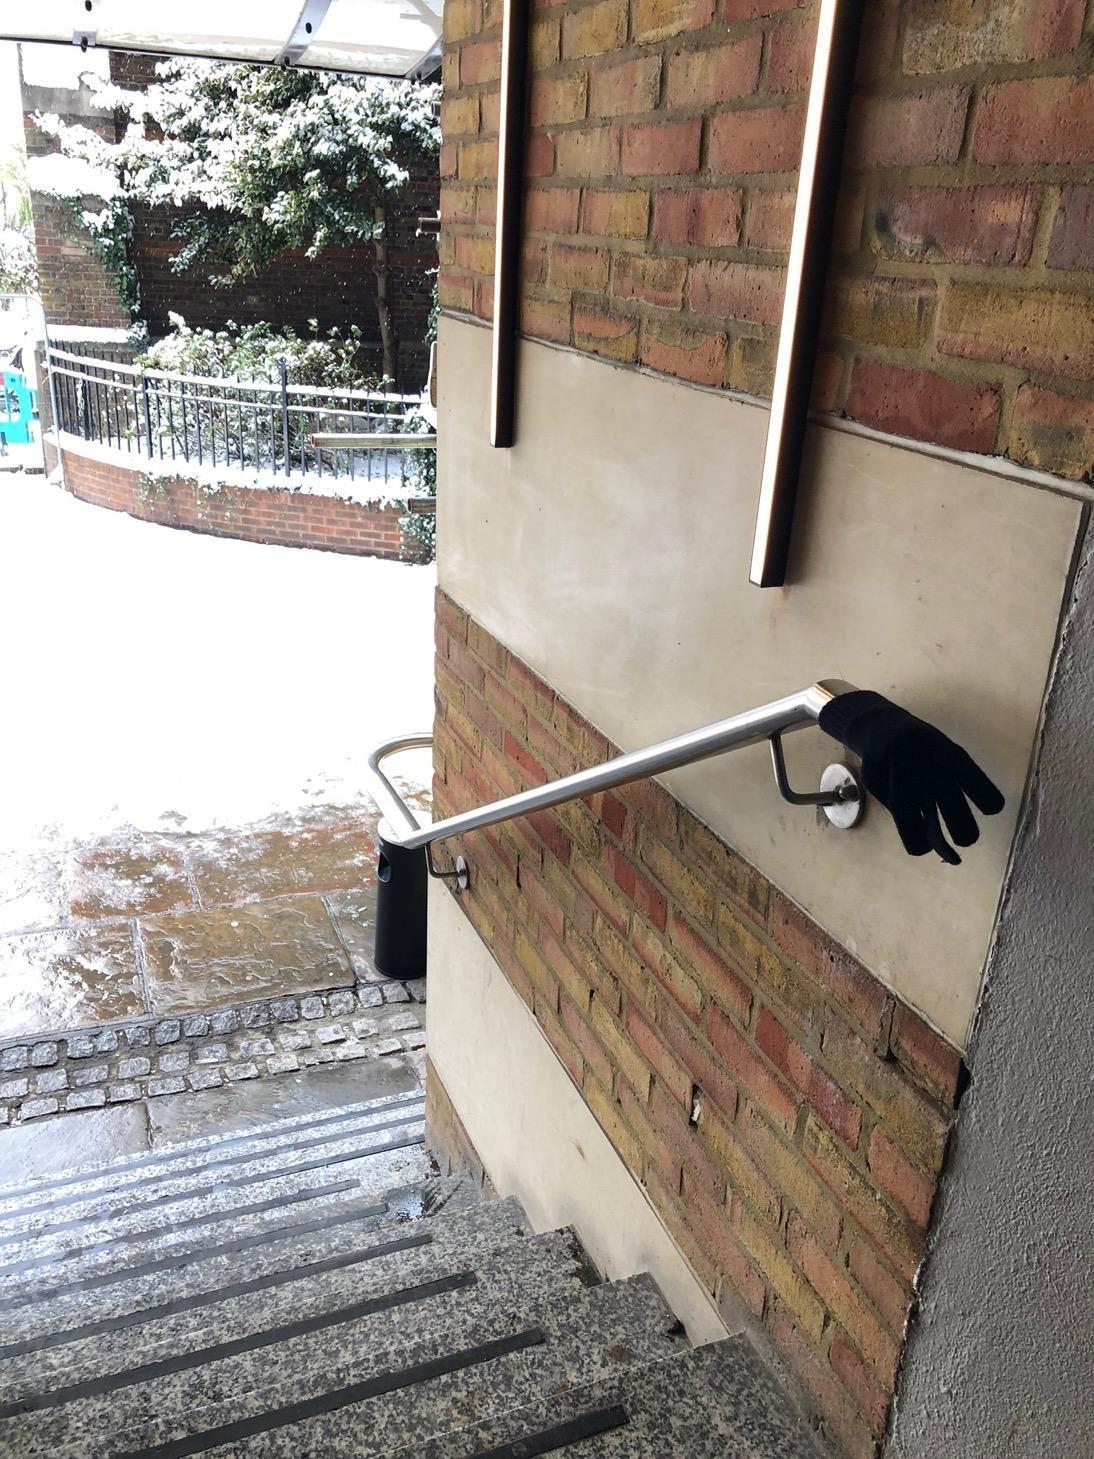 Inspector Gadget Seen In Public Again